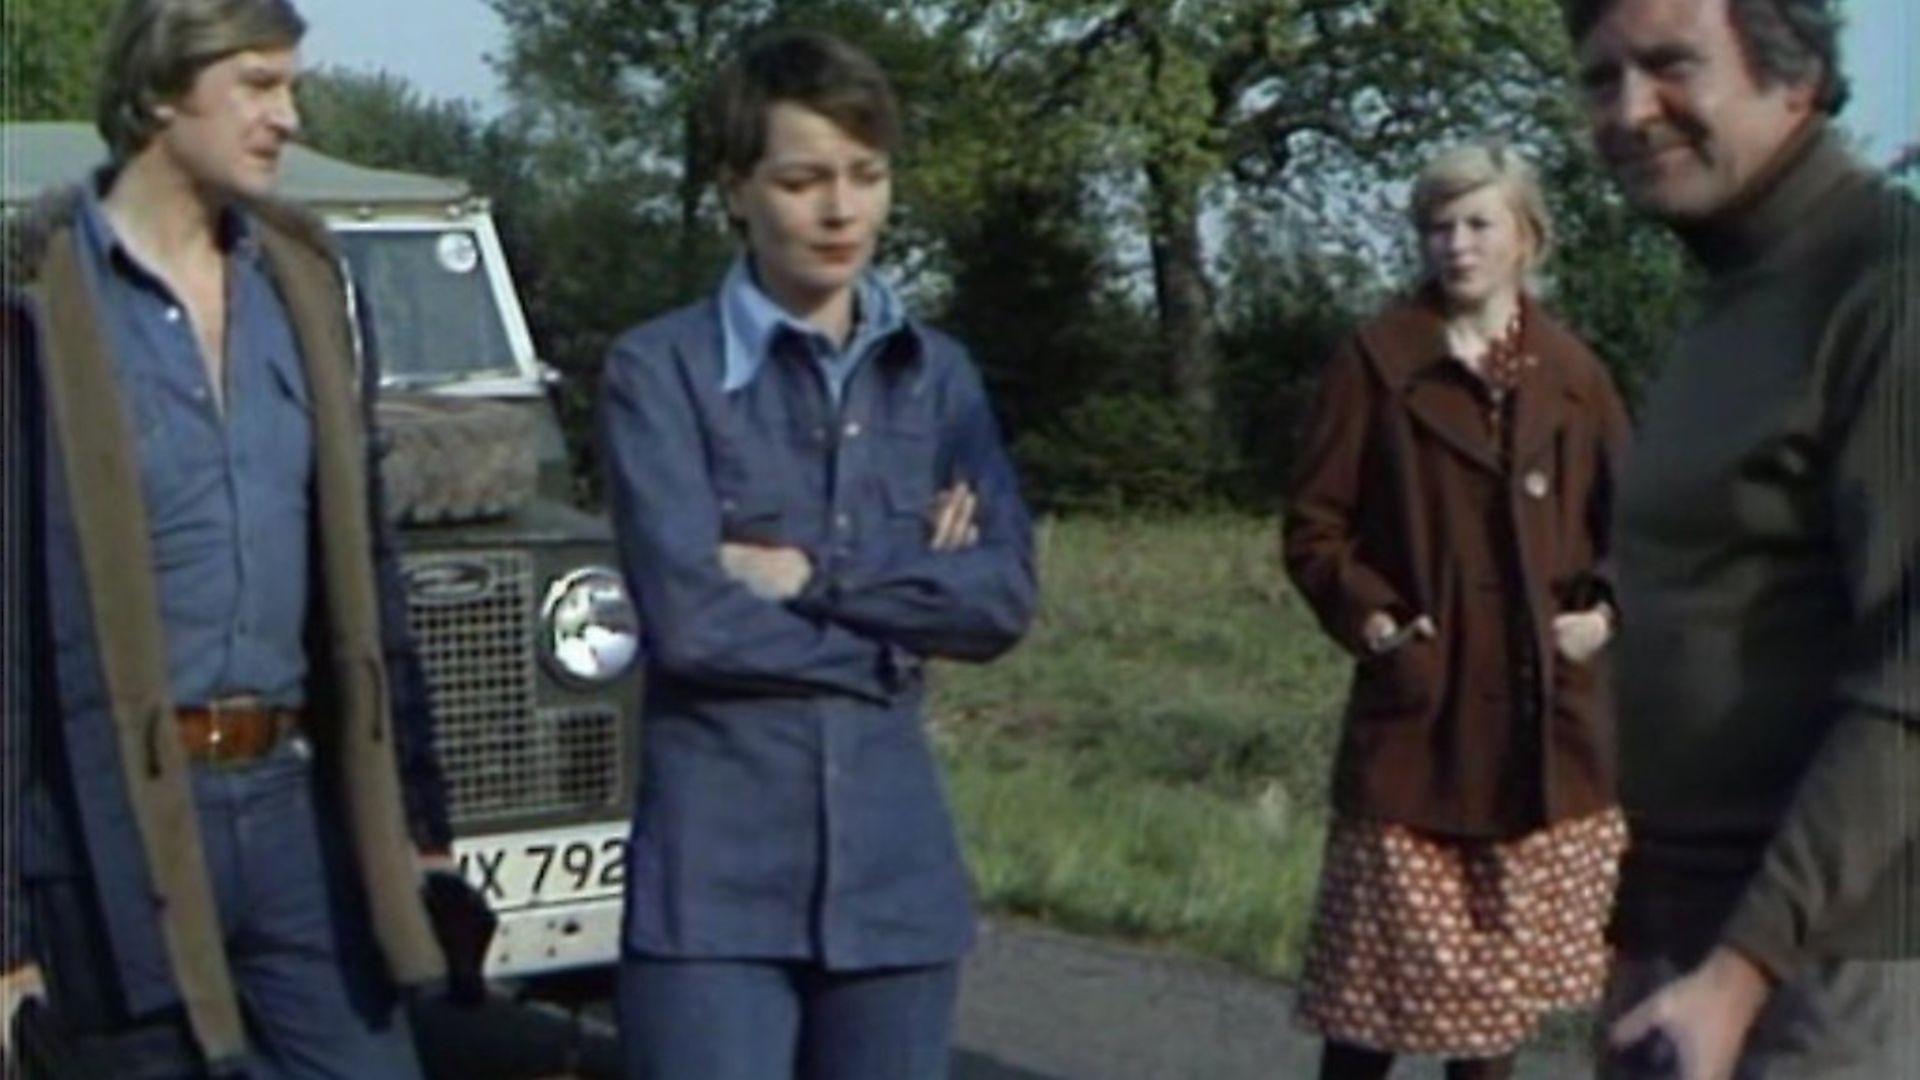 Caroline Burt, Ian McCulloch, Glyn Owen, and Carolyn Seymour in Survivors (1975) - Credit: Archant